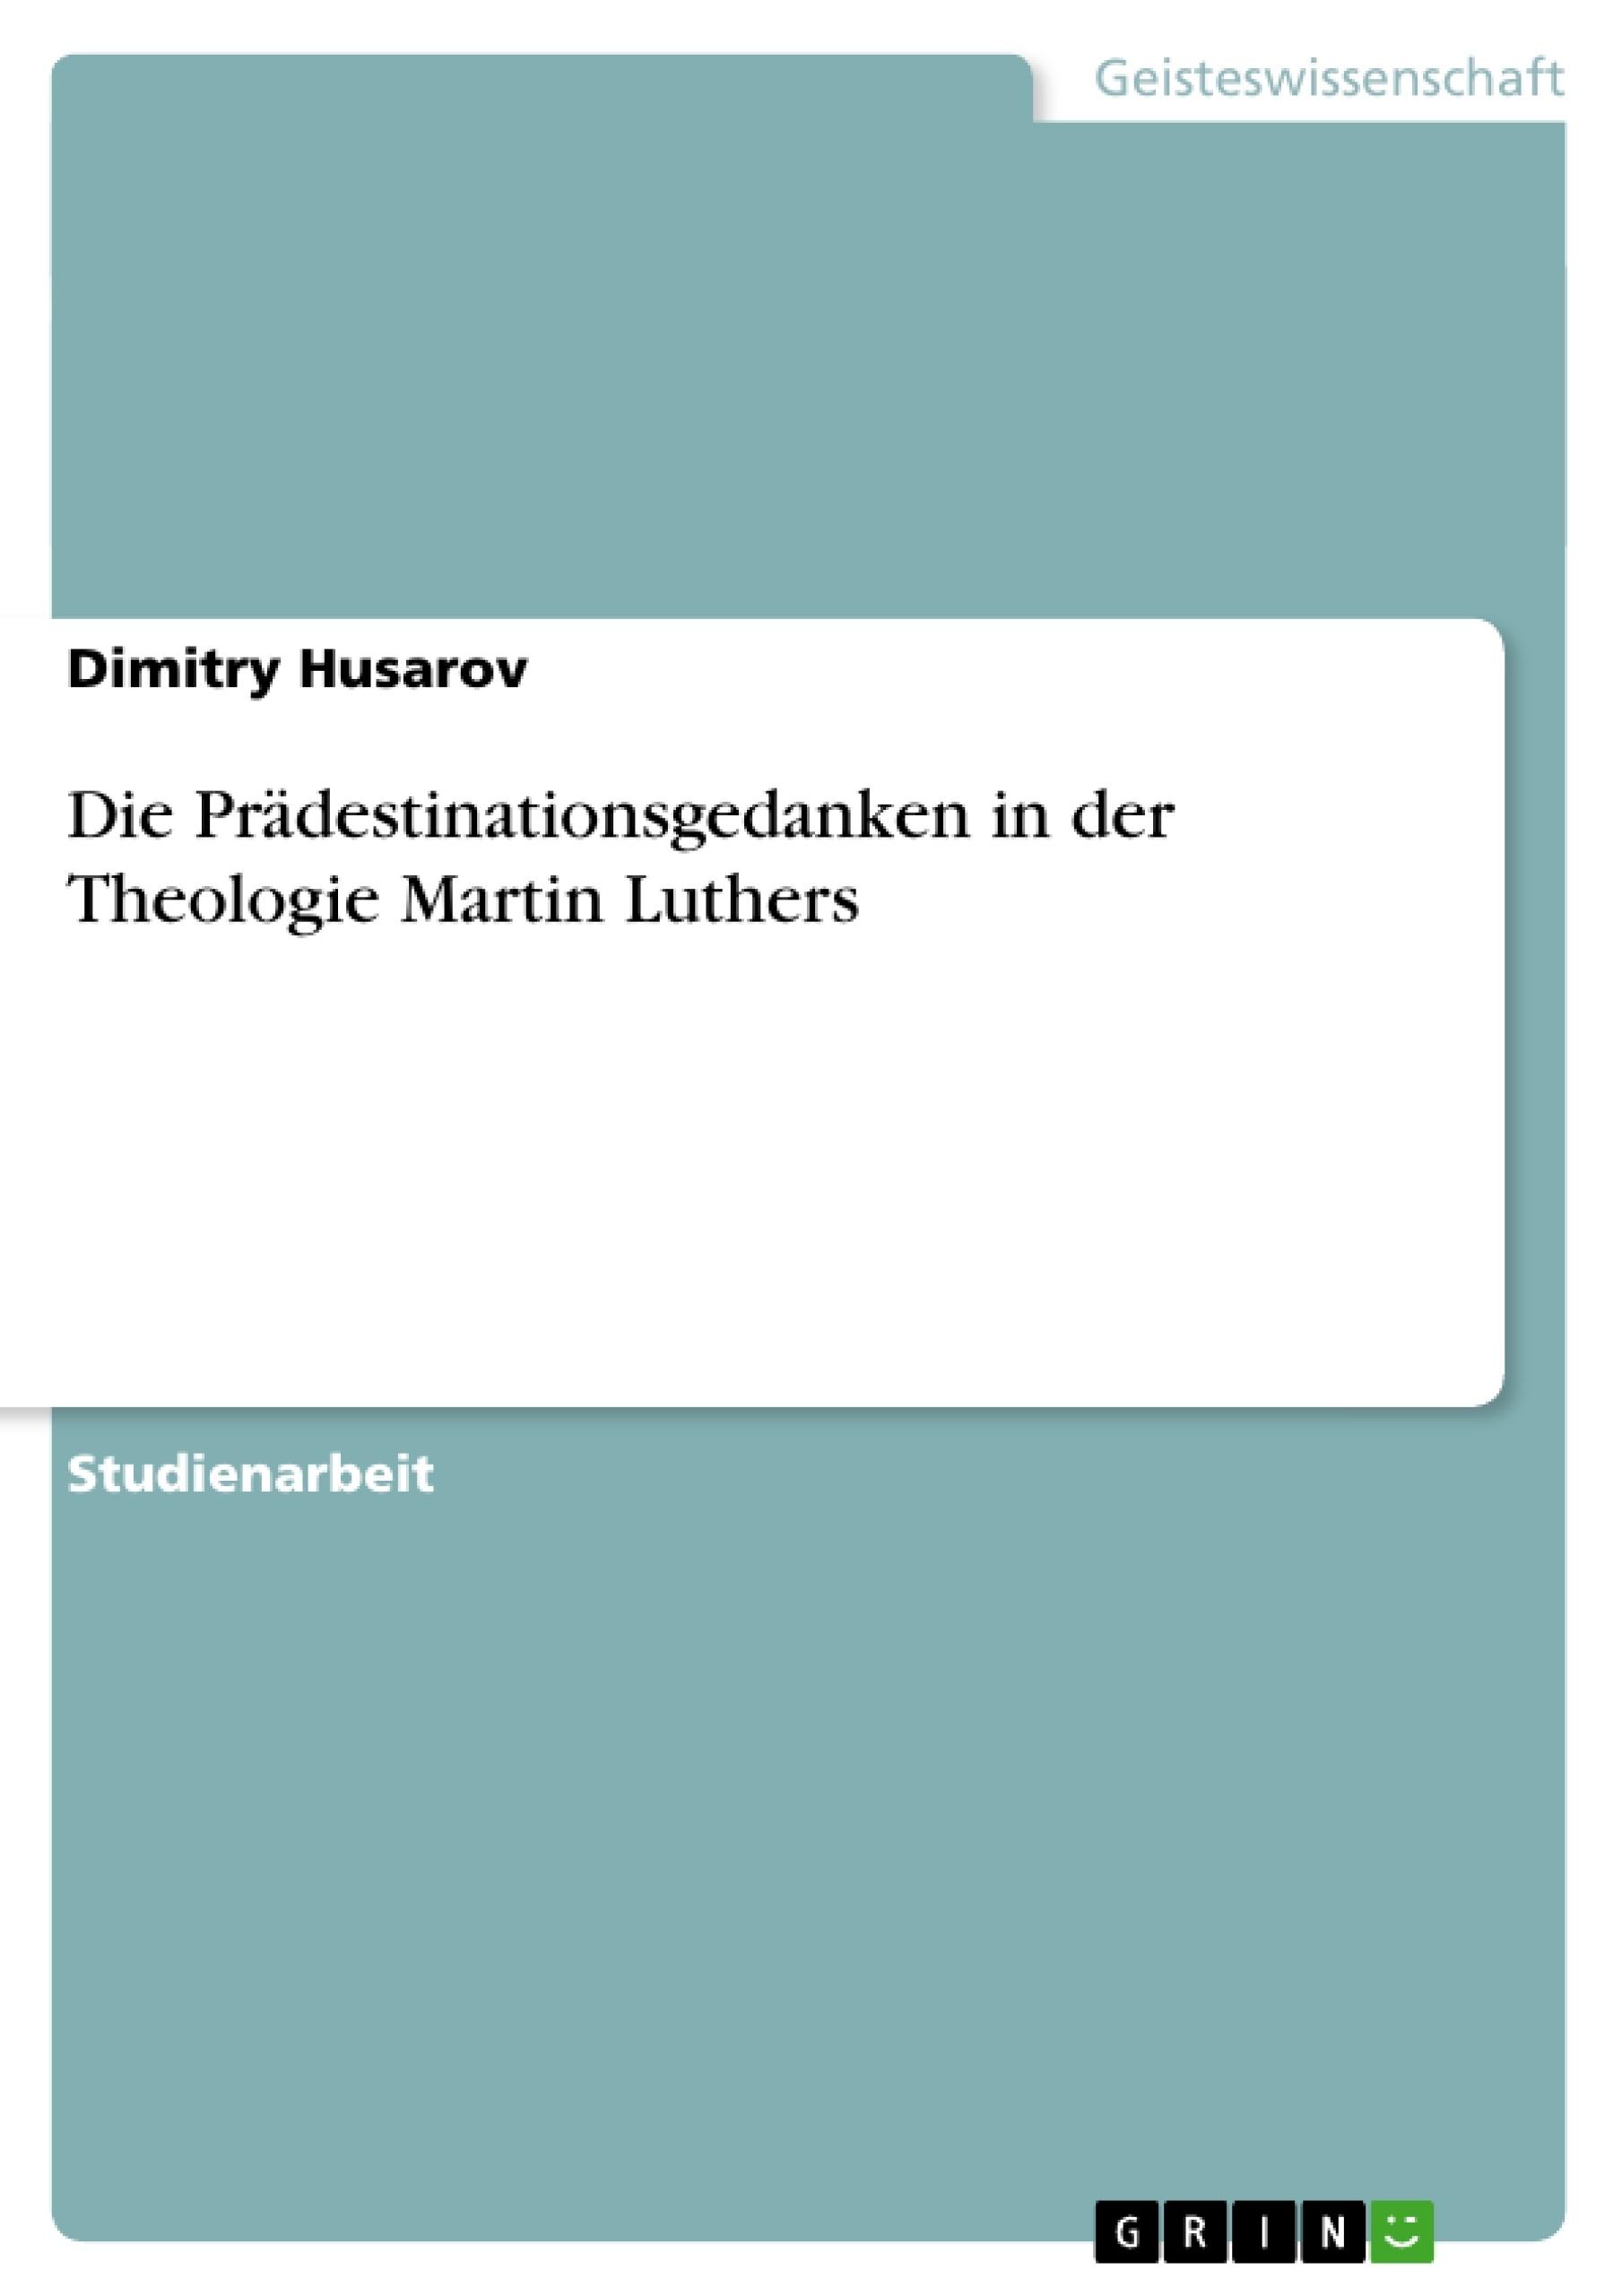 Titel: Die Prädestinationsgedanken in der Theologie Martin Luthers